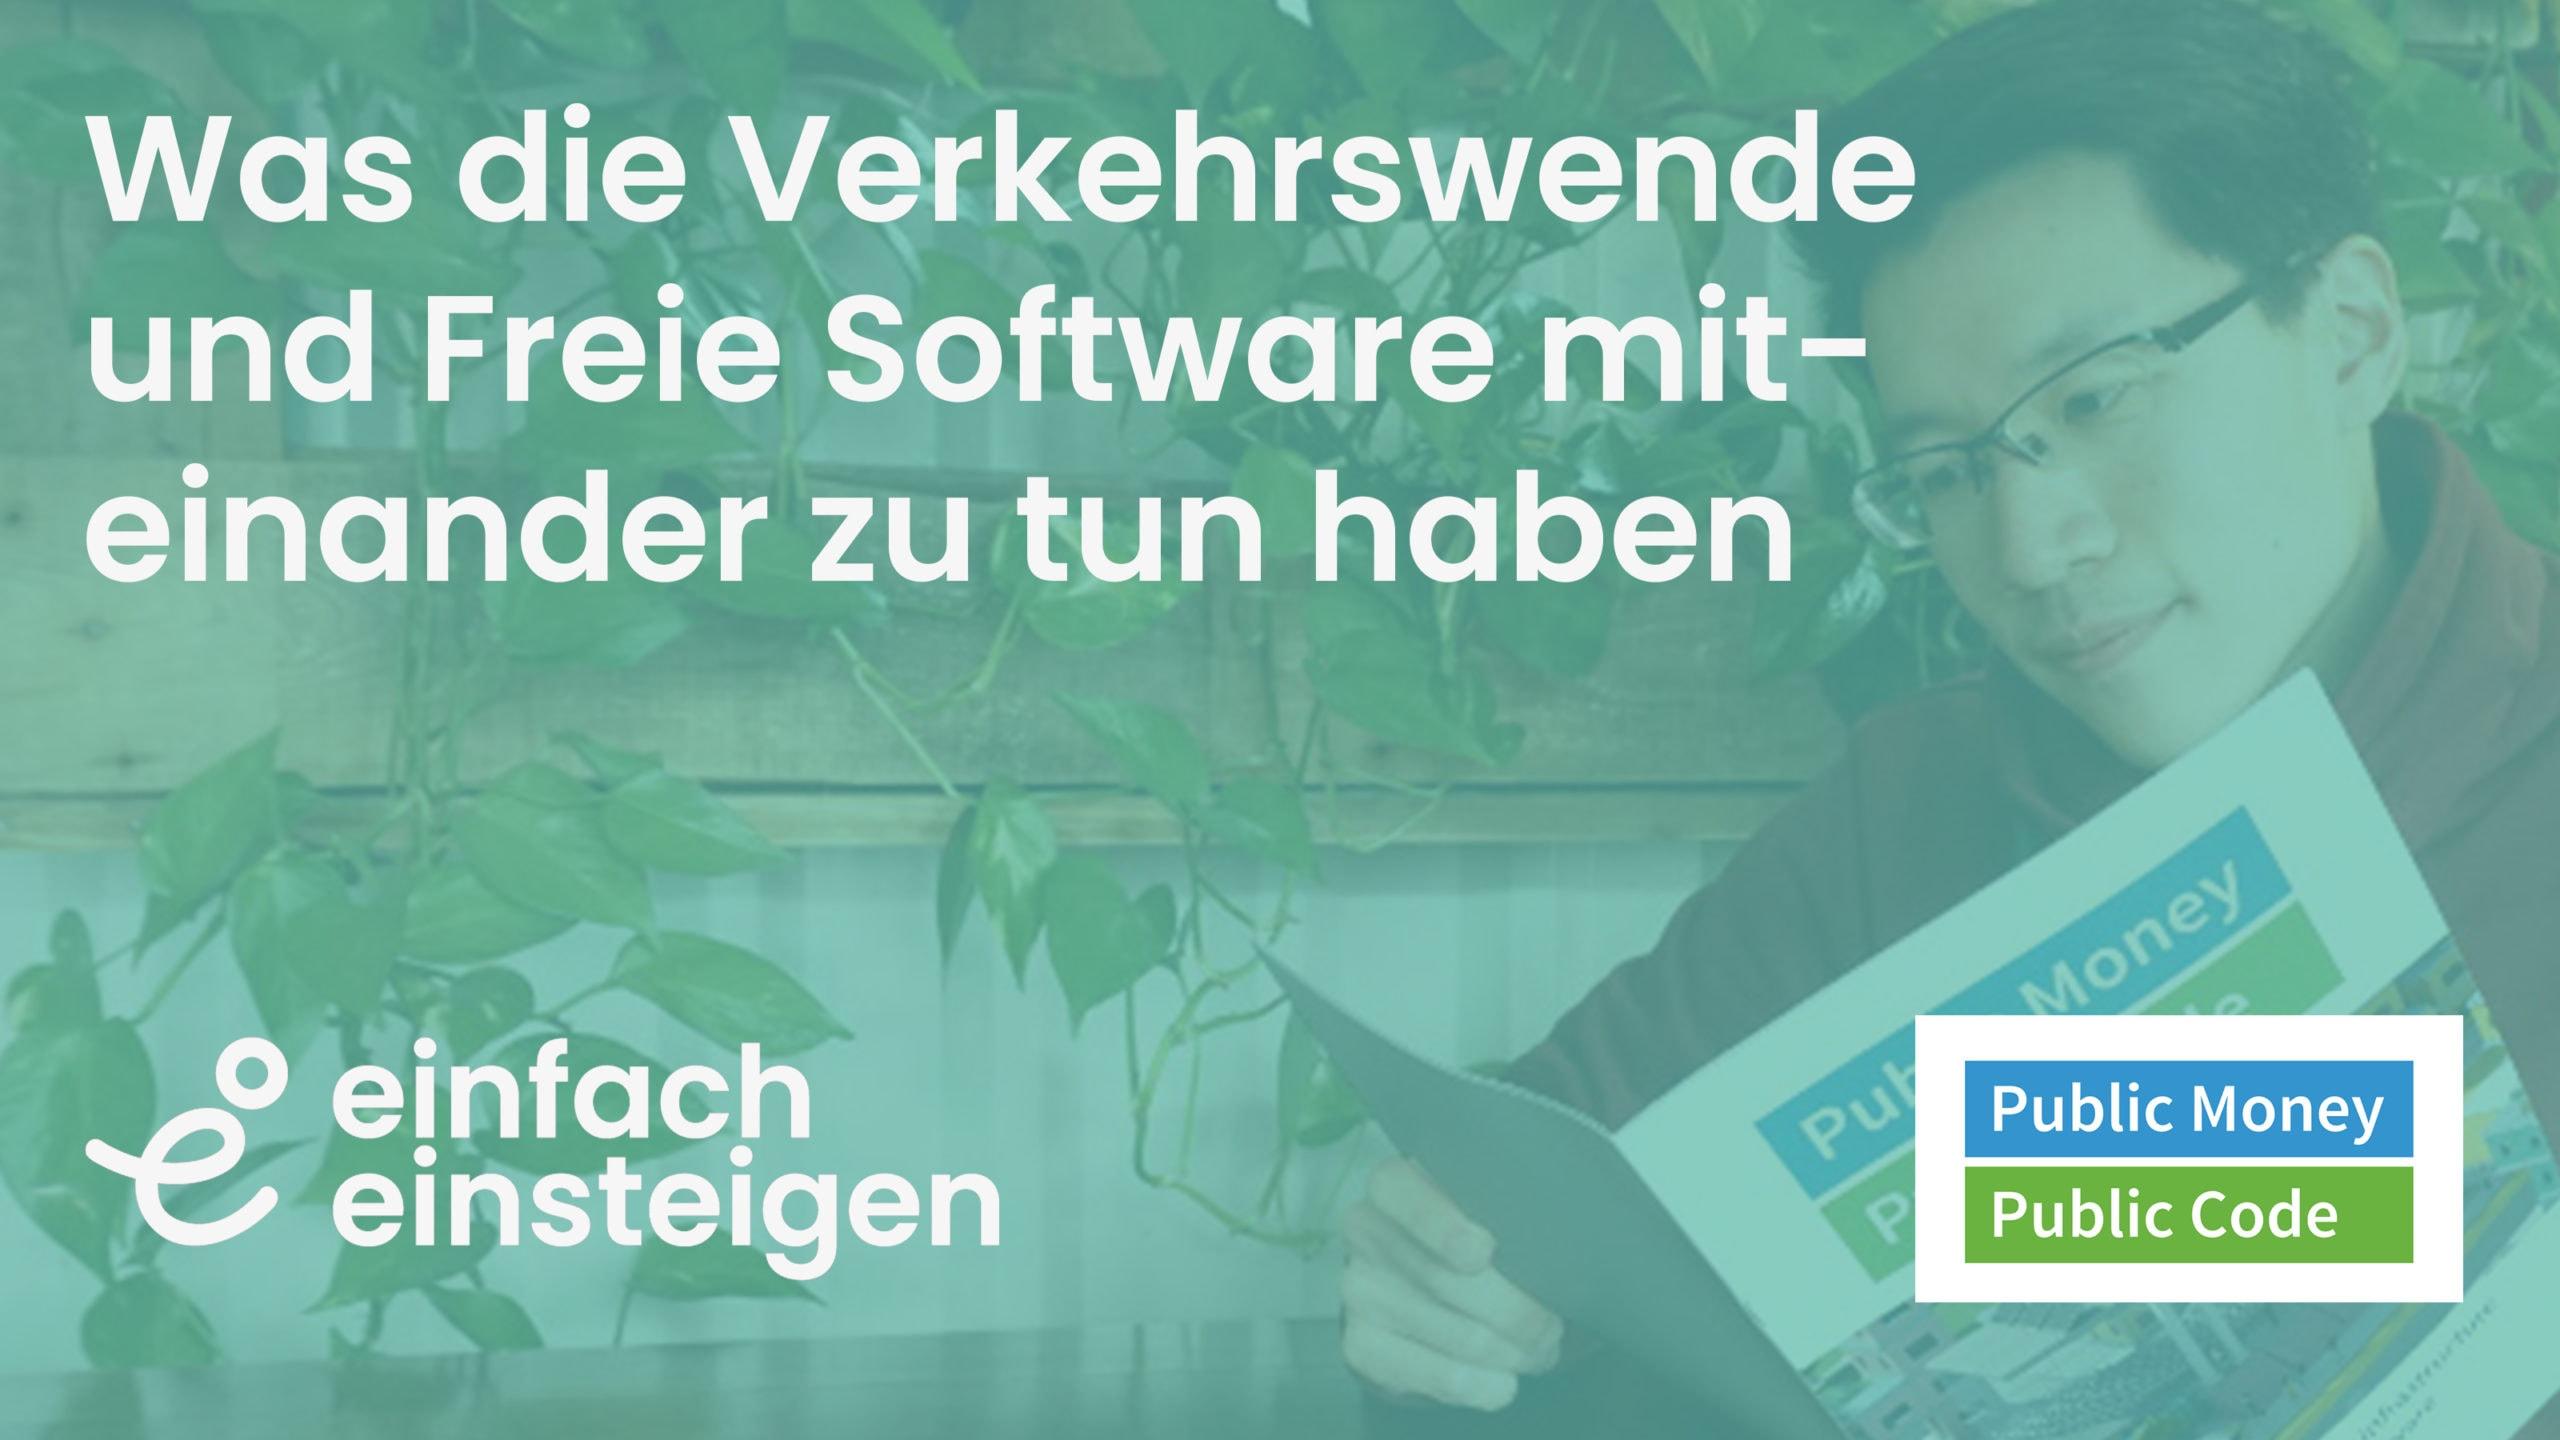 Was die Verkehrswende und Freie Software miteinander zu tun haben 1